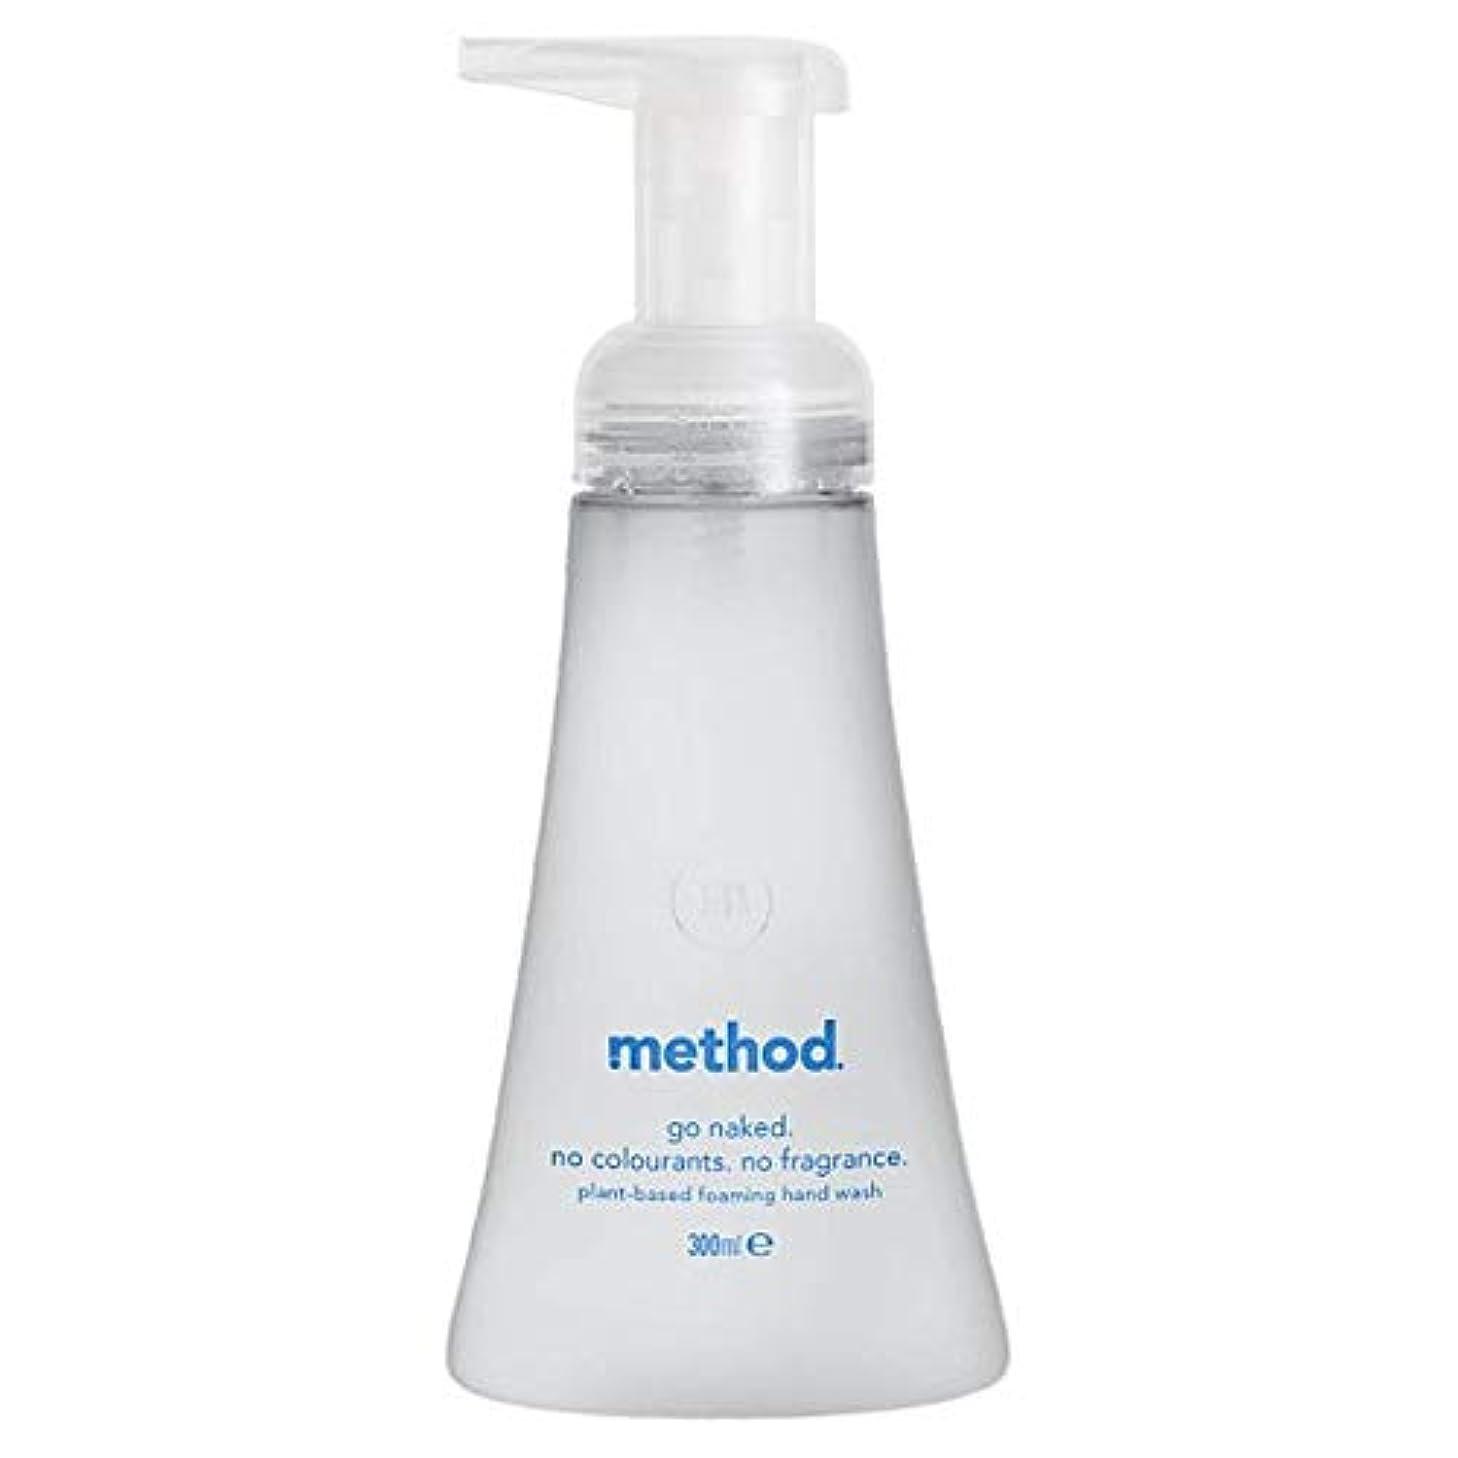 廃止錫いいね[Method ] メソッド裸発泡手洗いの300ミリリットル - Method Naked Foaming Handwash 300Ml [並行輸入品]